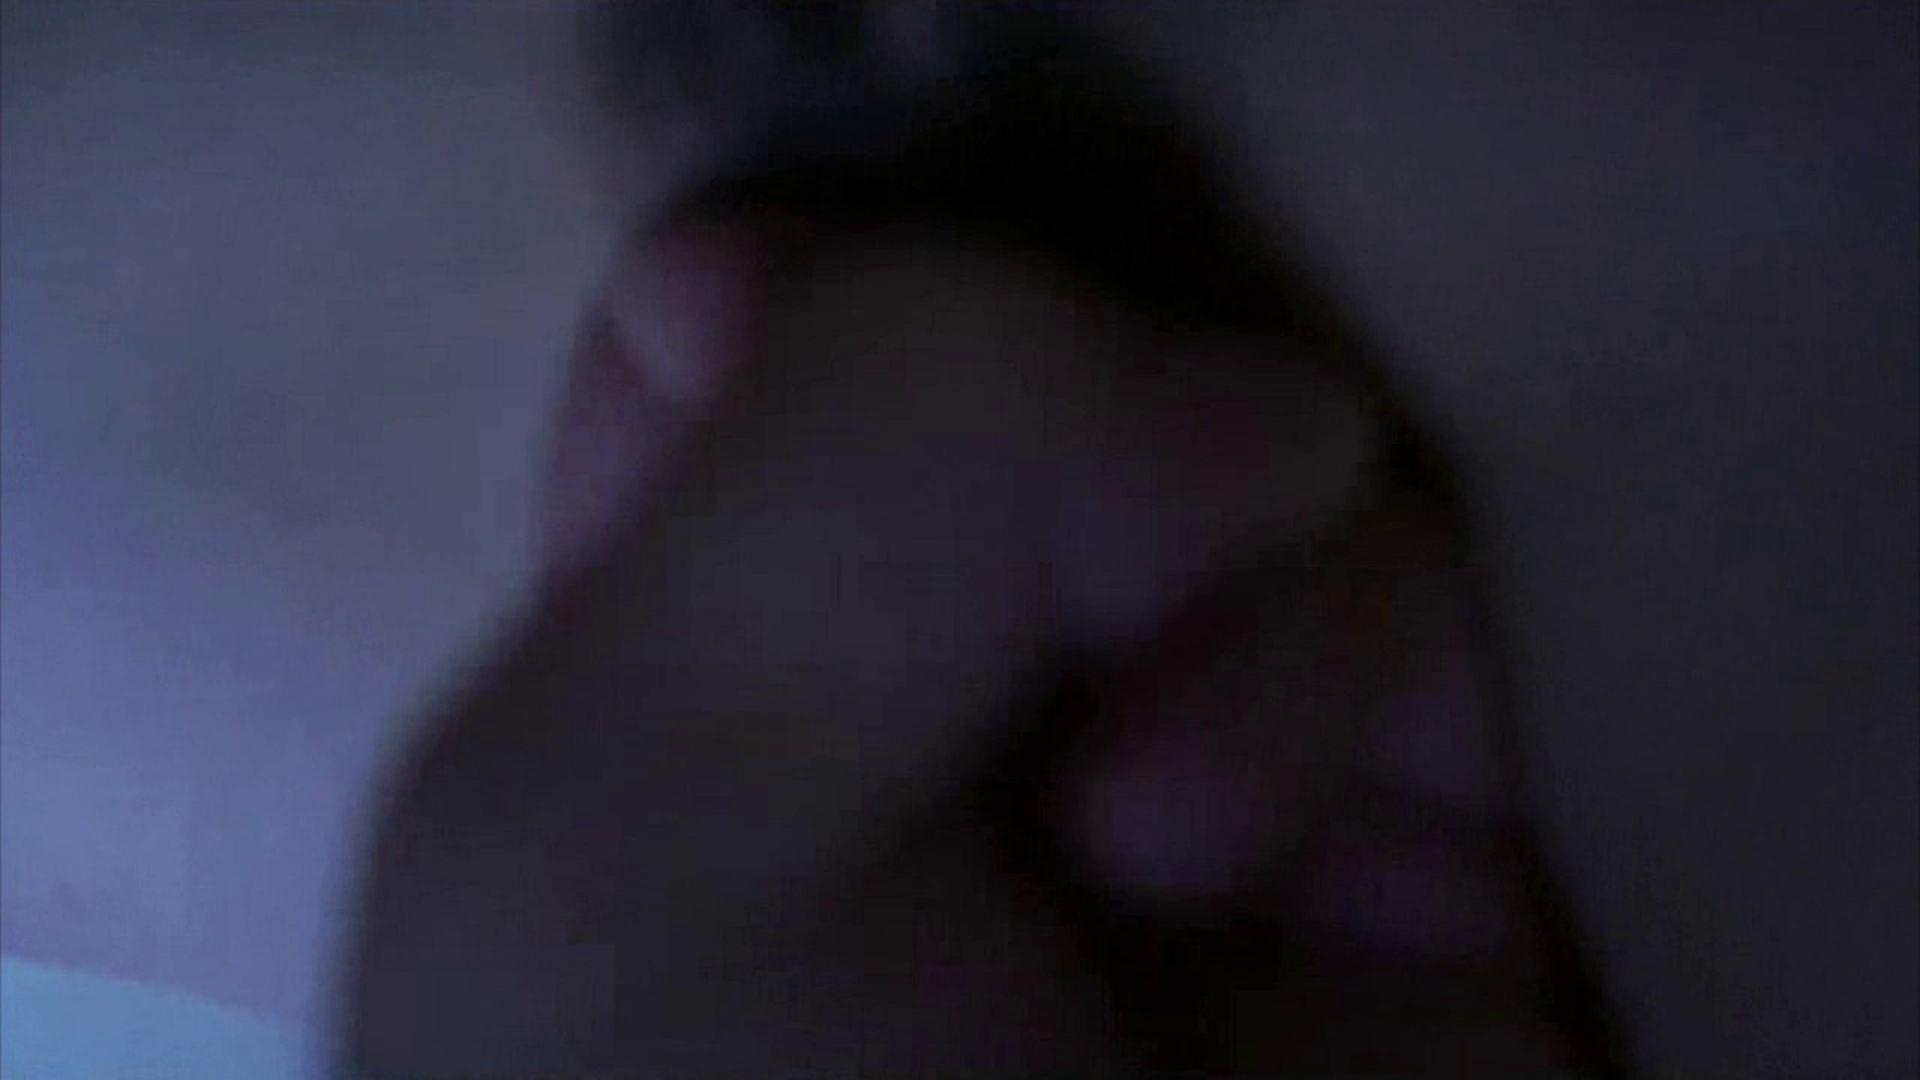 vol.6 -後編-ユリナちゃん妊娠したら責任取るからね・・・【MKB44位】 むっちりガール すけべAV動画紹介 105枚 99